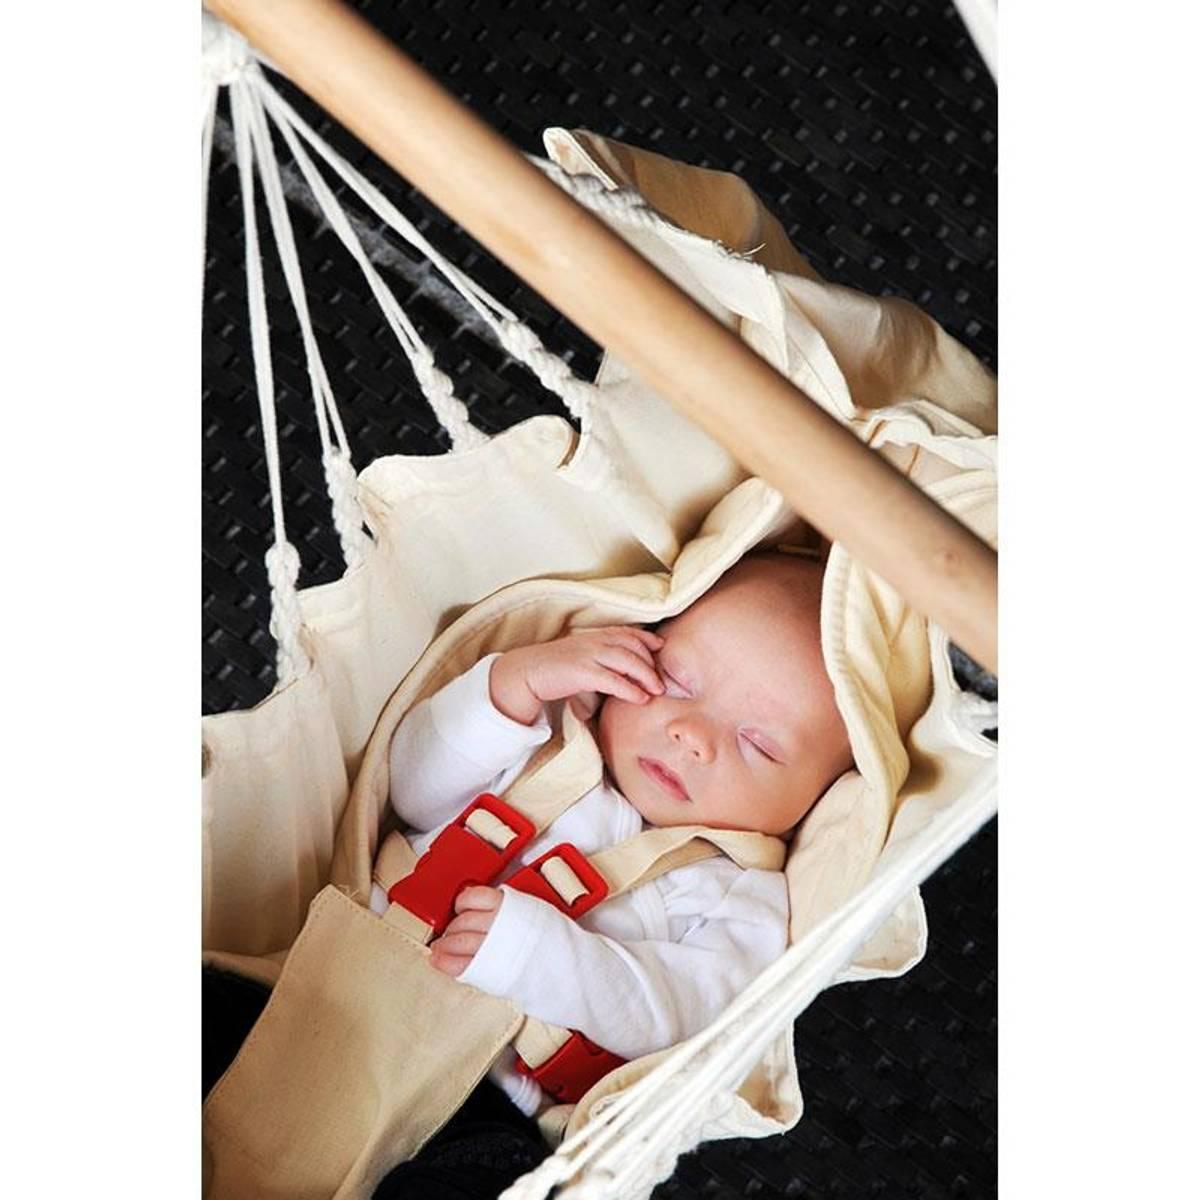 Yayita Baby hengekøye organisk bomull